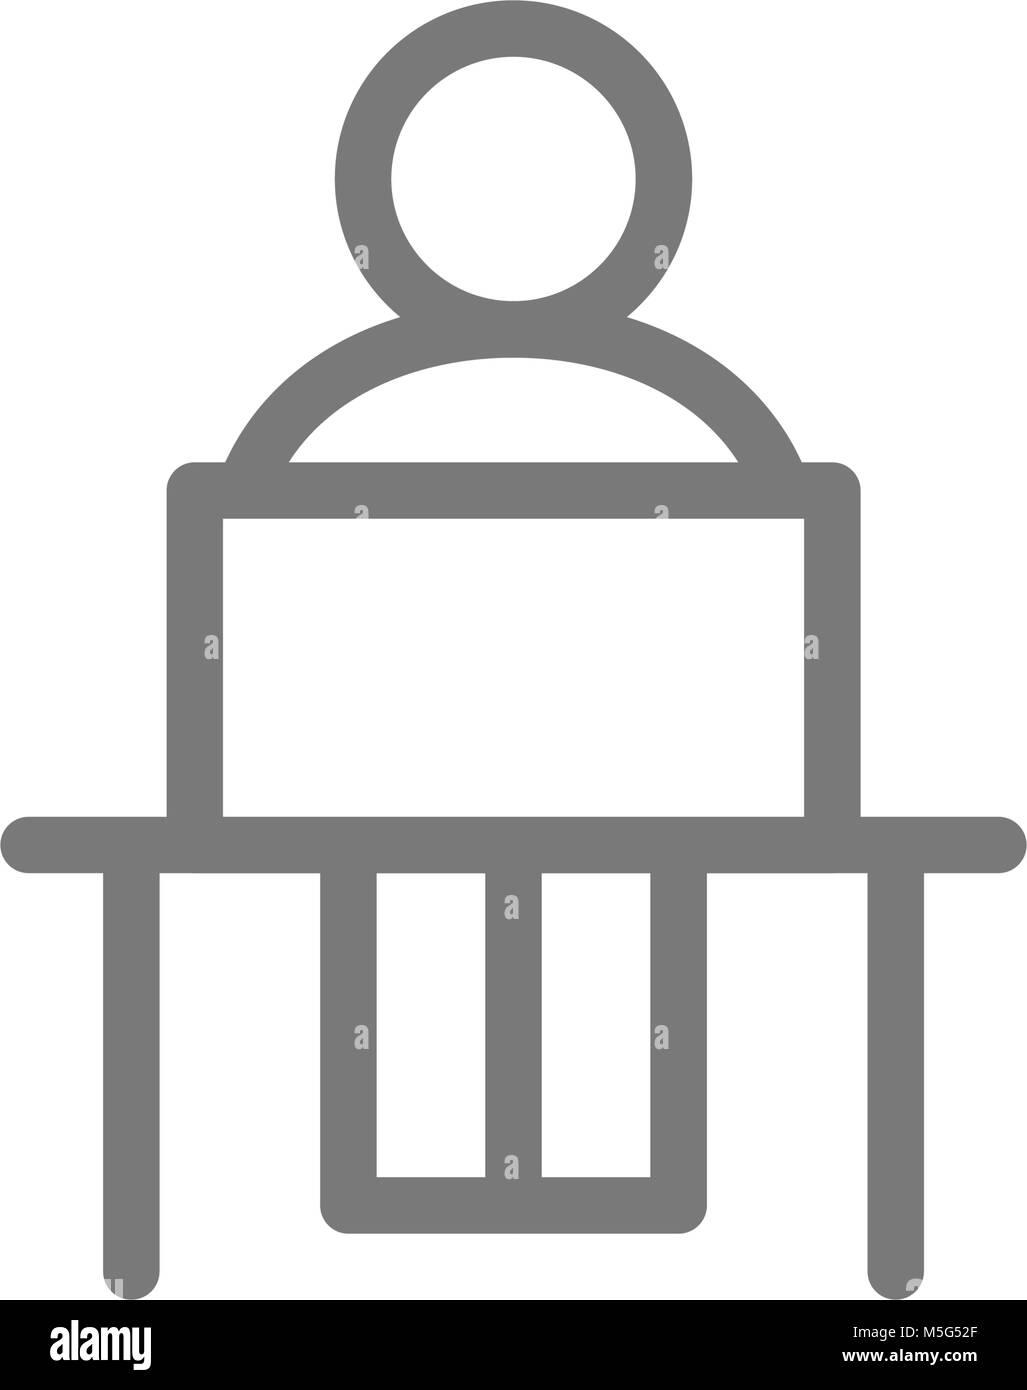 Homme simple est assis sur le lieu de travail avec l'icône de la ligne de l'ordinateur portable. Symbole et signe vector illustration design. Isolé sur fond blanc Illustration de Vecteur